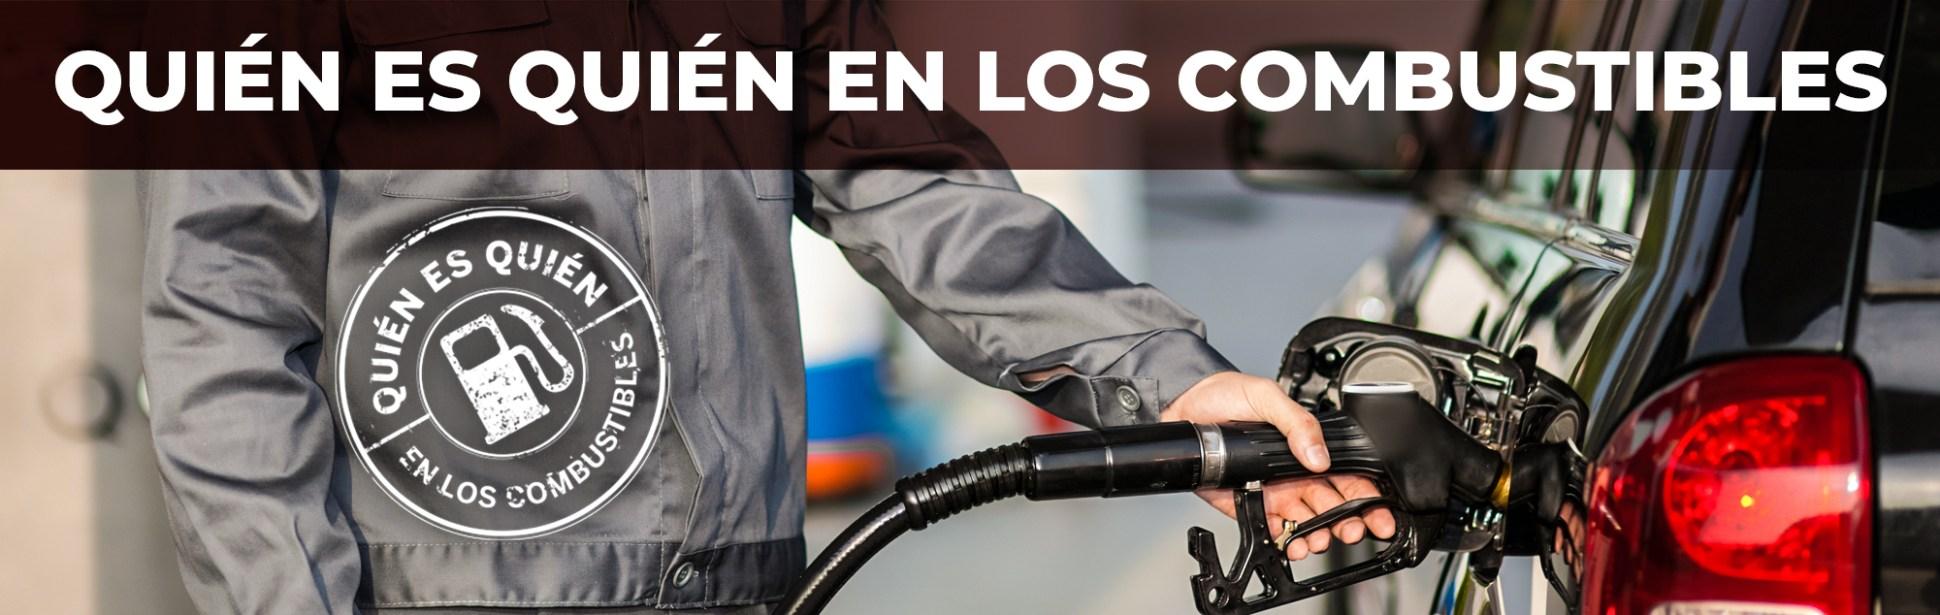 ¿Quién es quién en el precio de los combustibles?